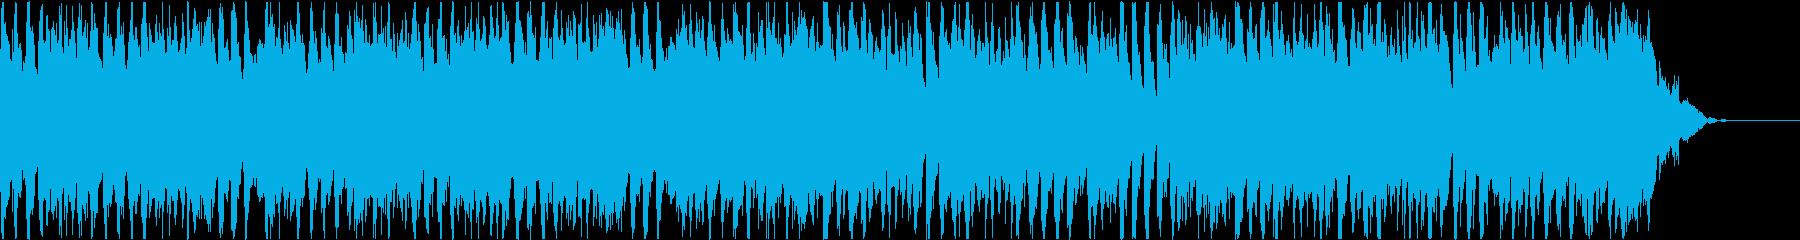 優雅で明るい4つ打ちBGM(短尺B盤)の再生済みの波形